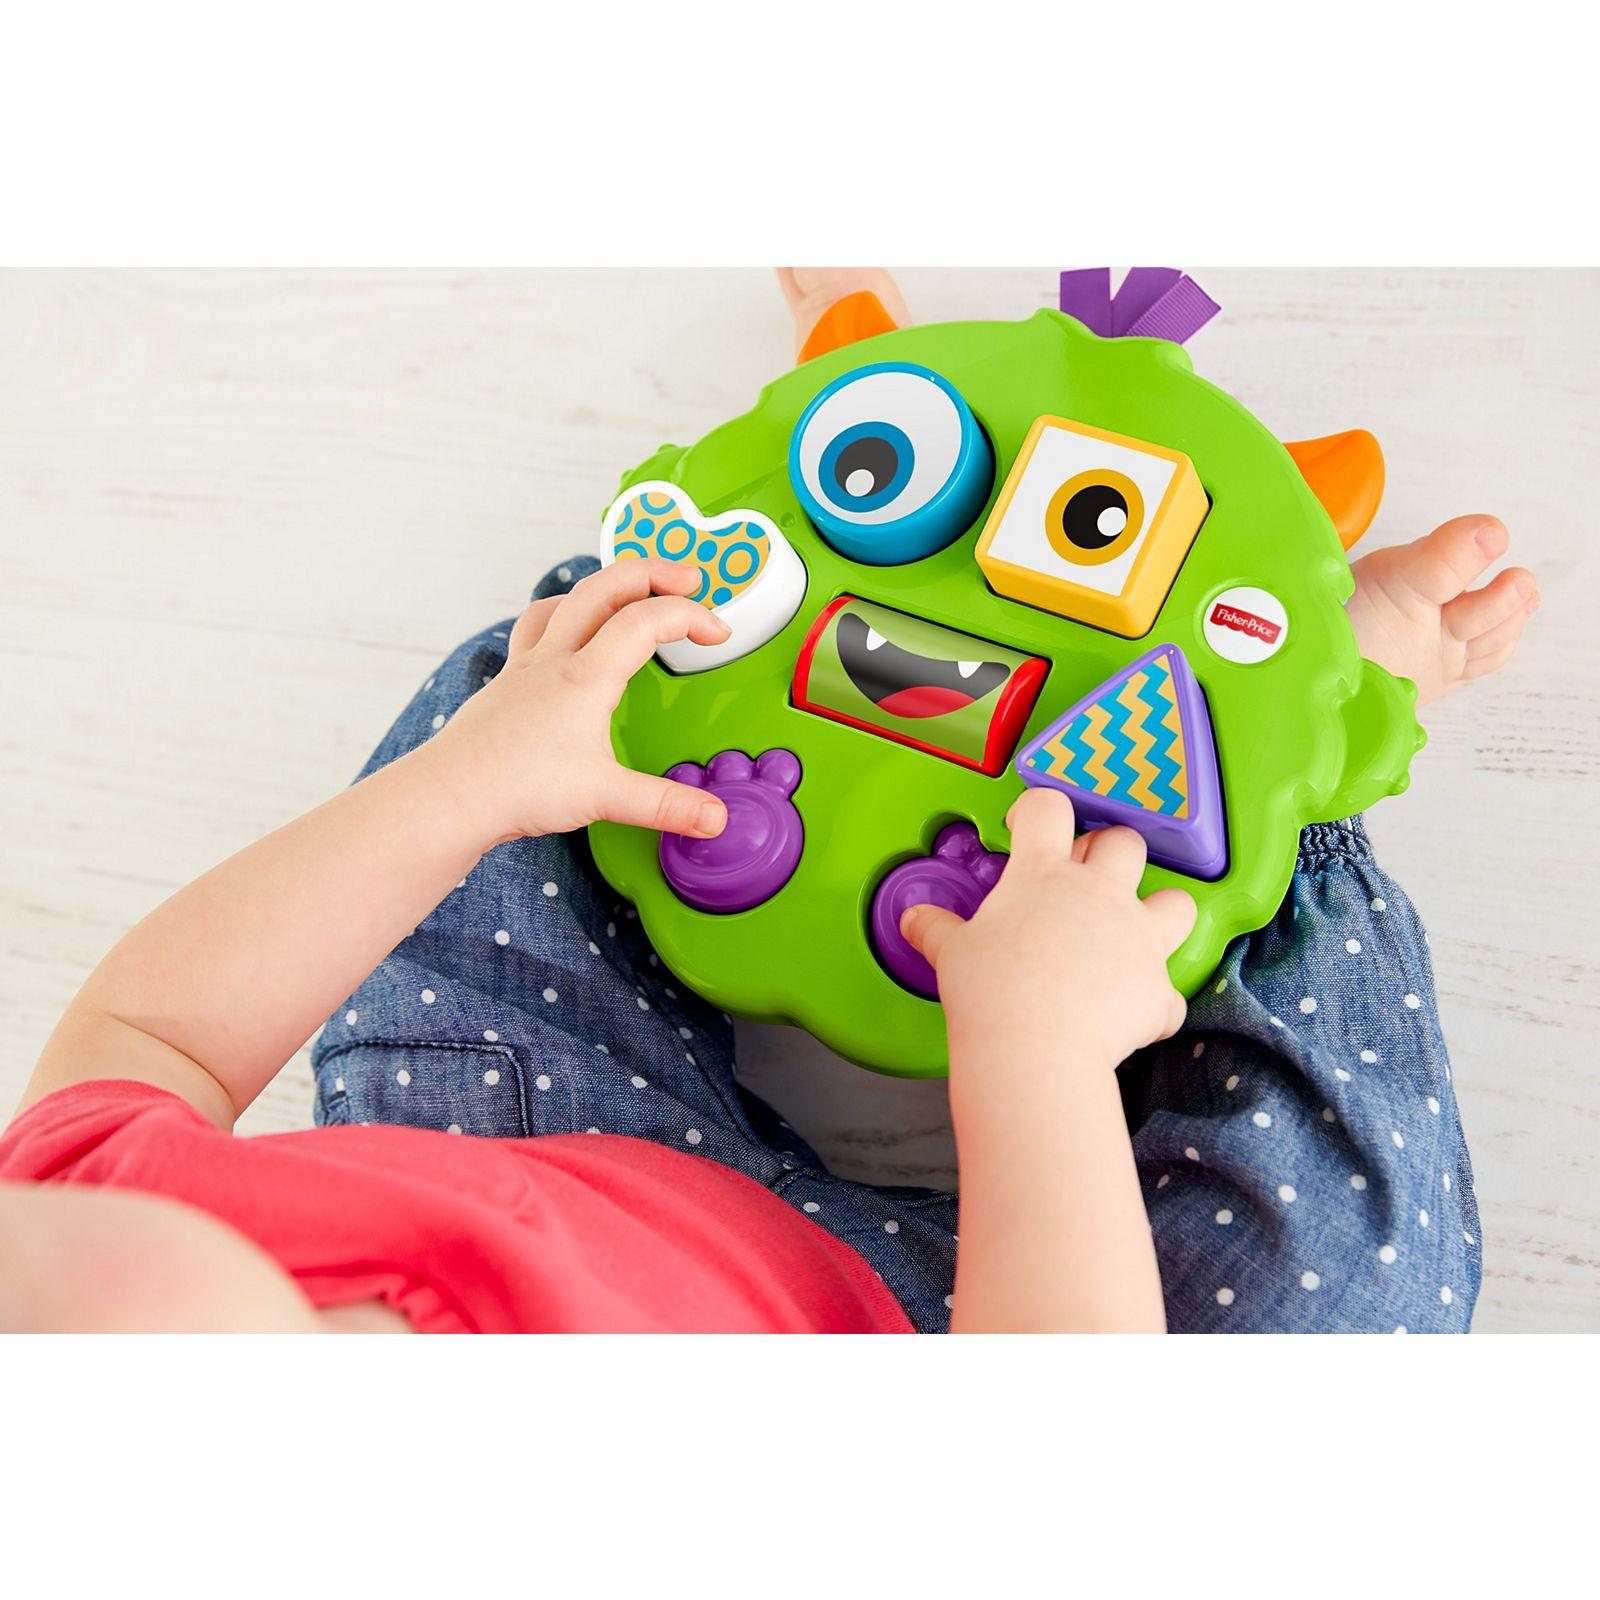 Brinquedo Monstro Quebra Cabeça Fisher Price